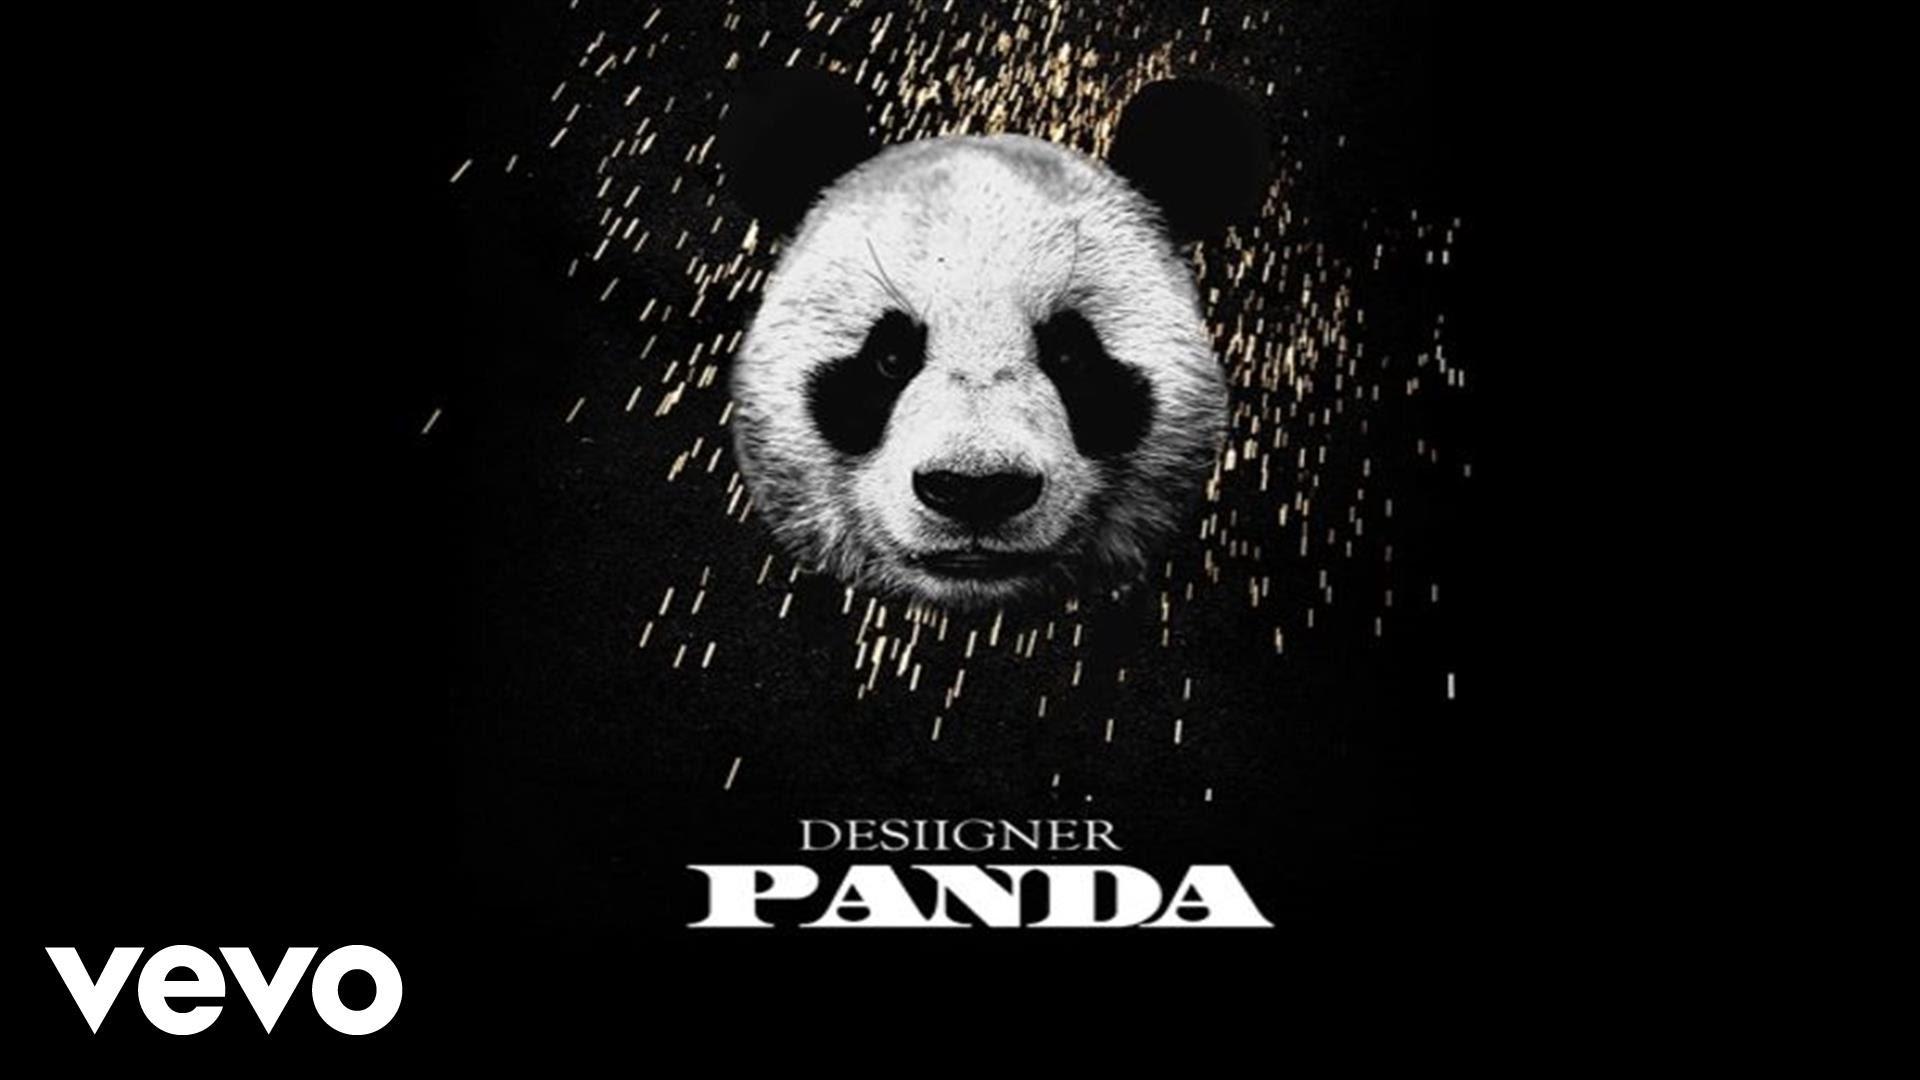 Desiigner - Panda (Audio) Специально для Kirenga-smi